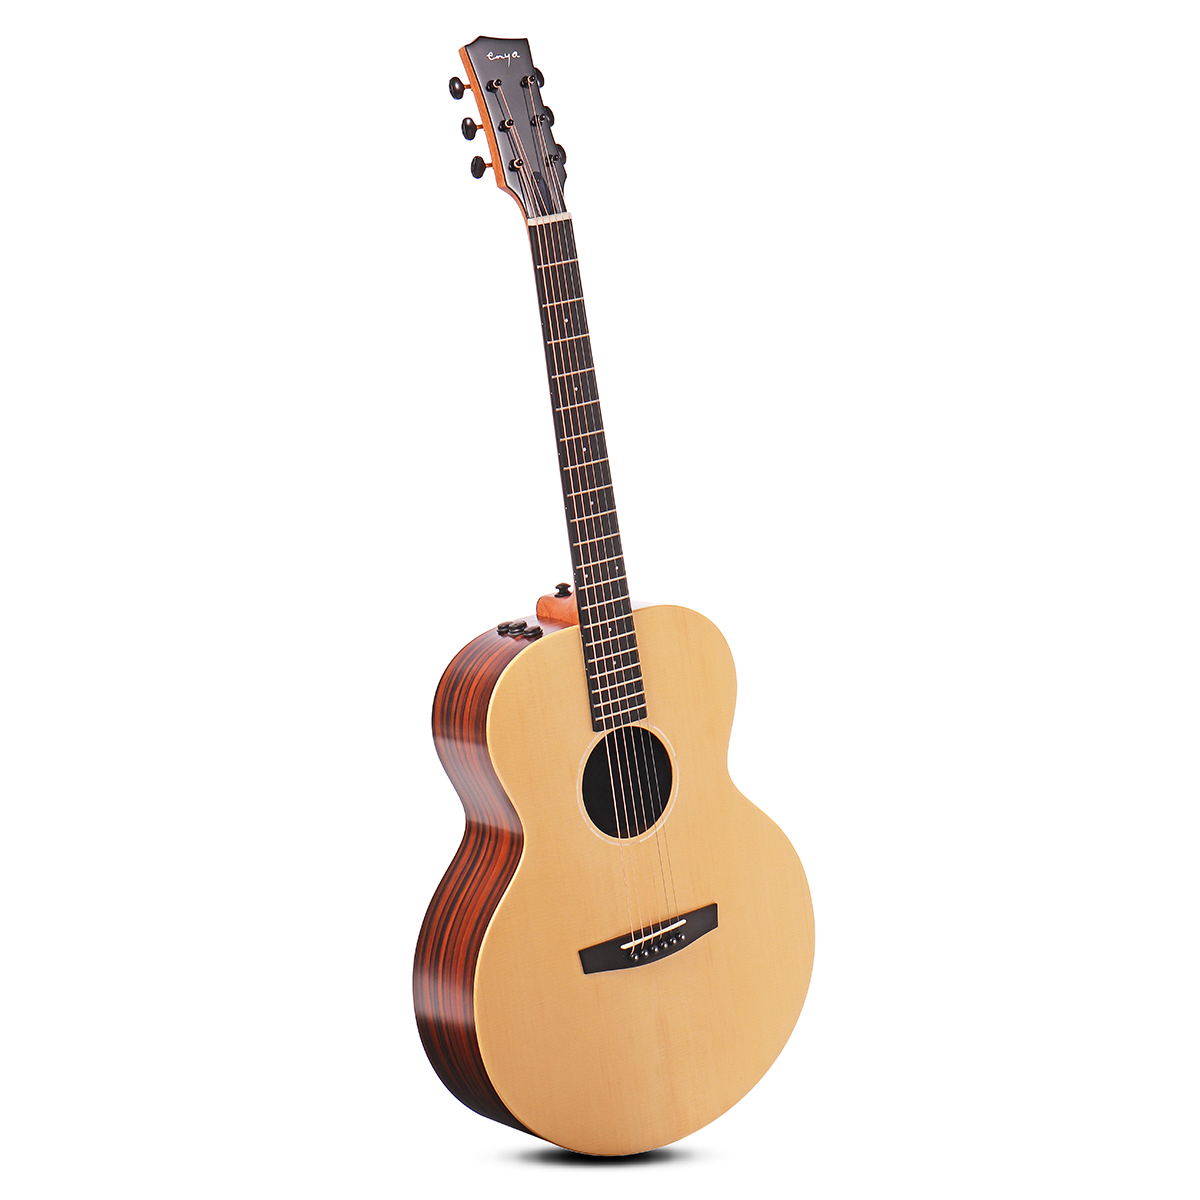 VENTE! Enya EA-X2/EQ 41 pouces AJ guitare Engelman épicéa bois guitare Folk acoustique avec accessoires de sac